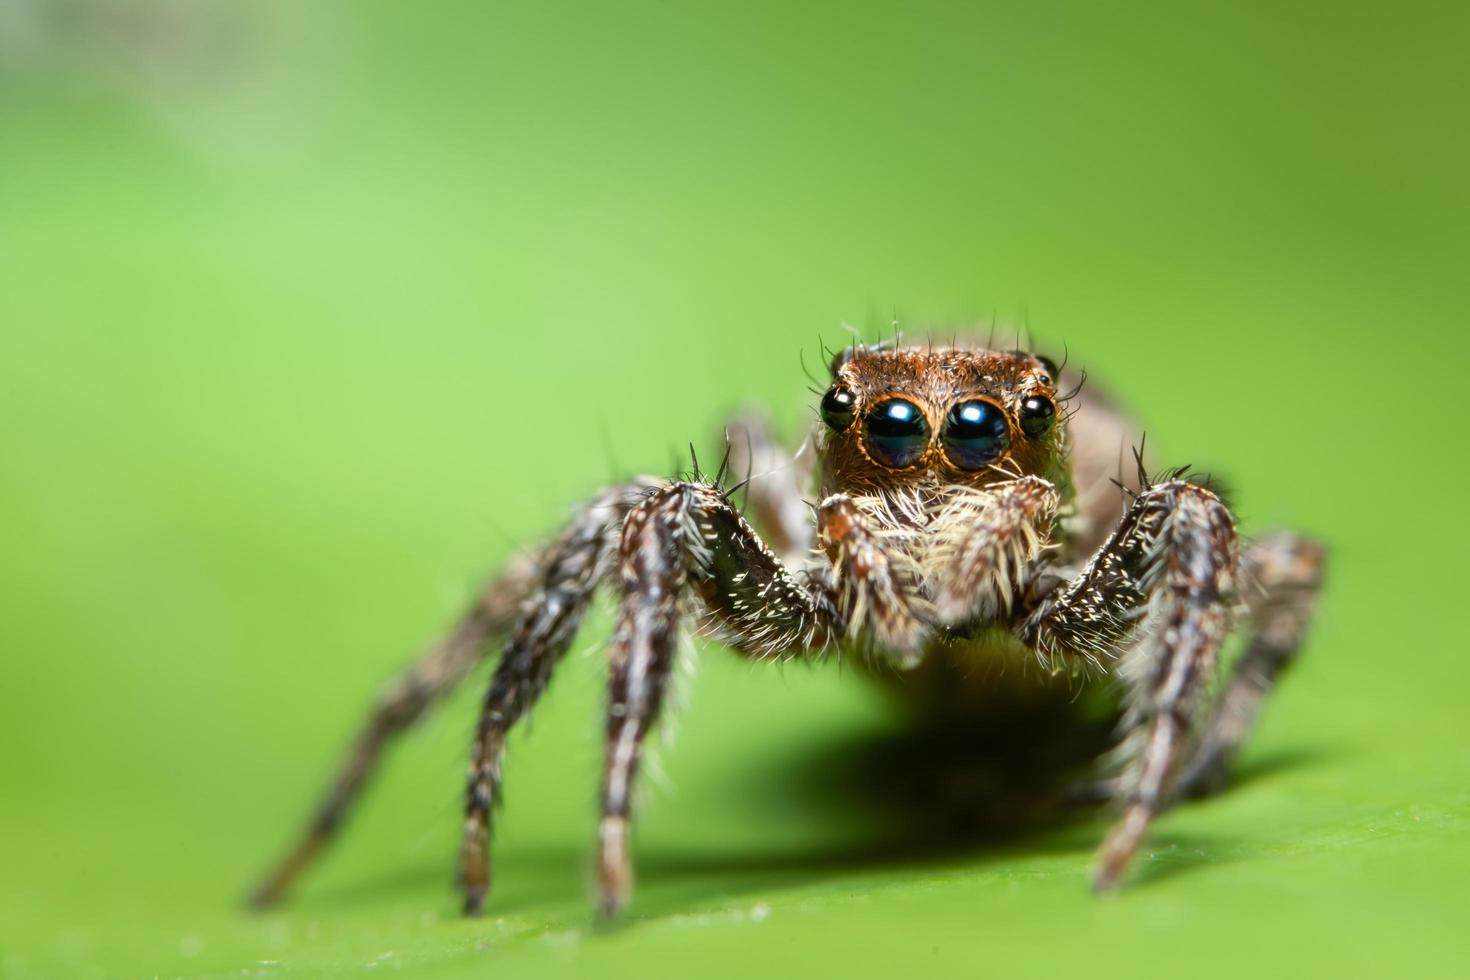 macro ragno su foglia verde brillante foto